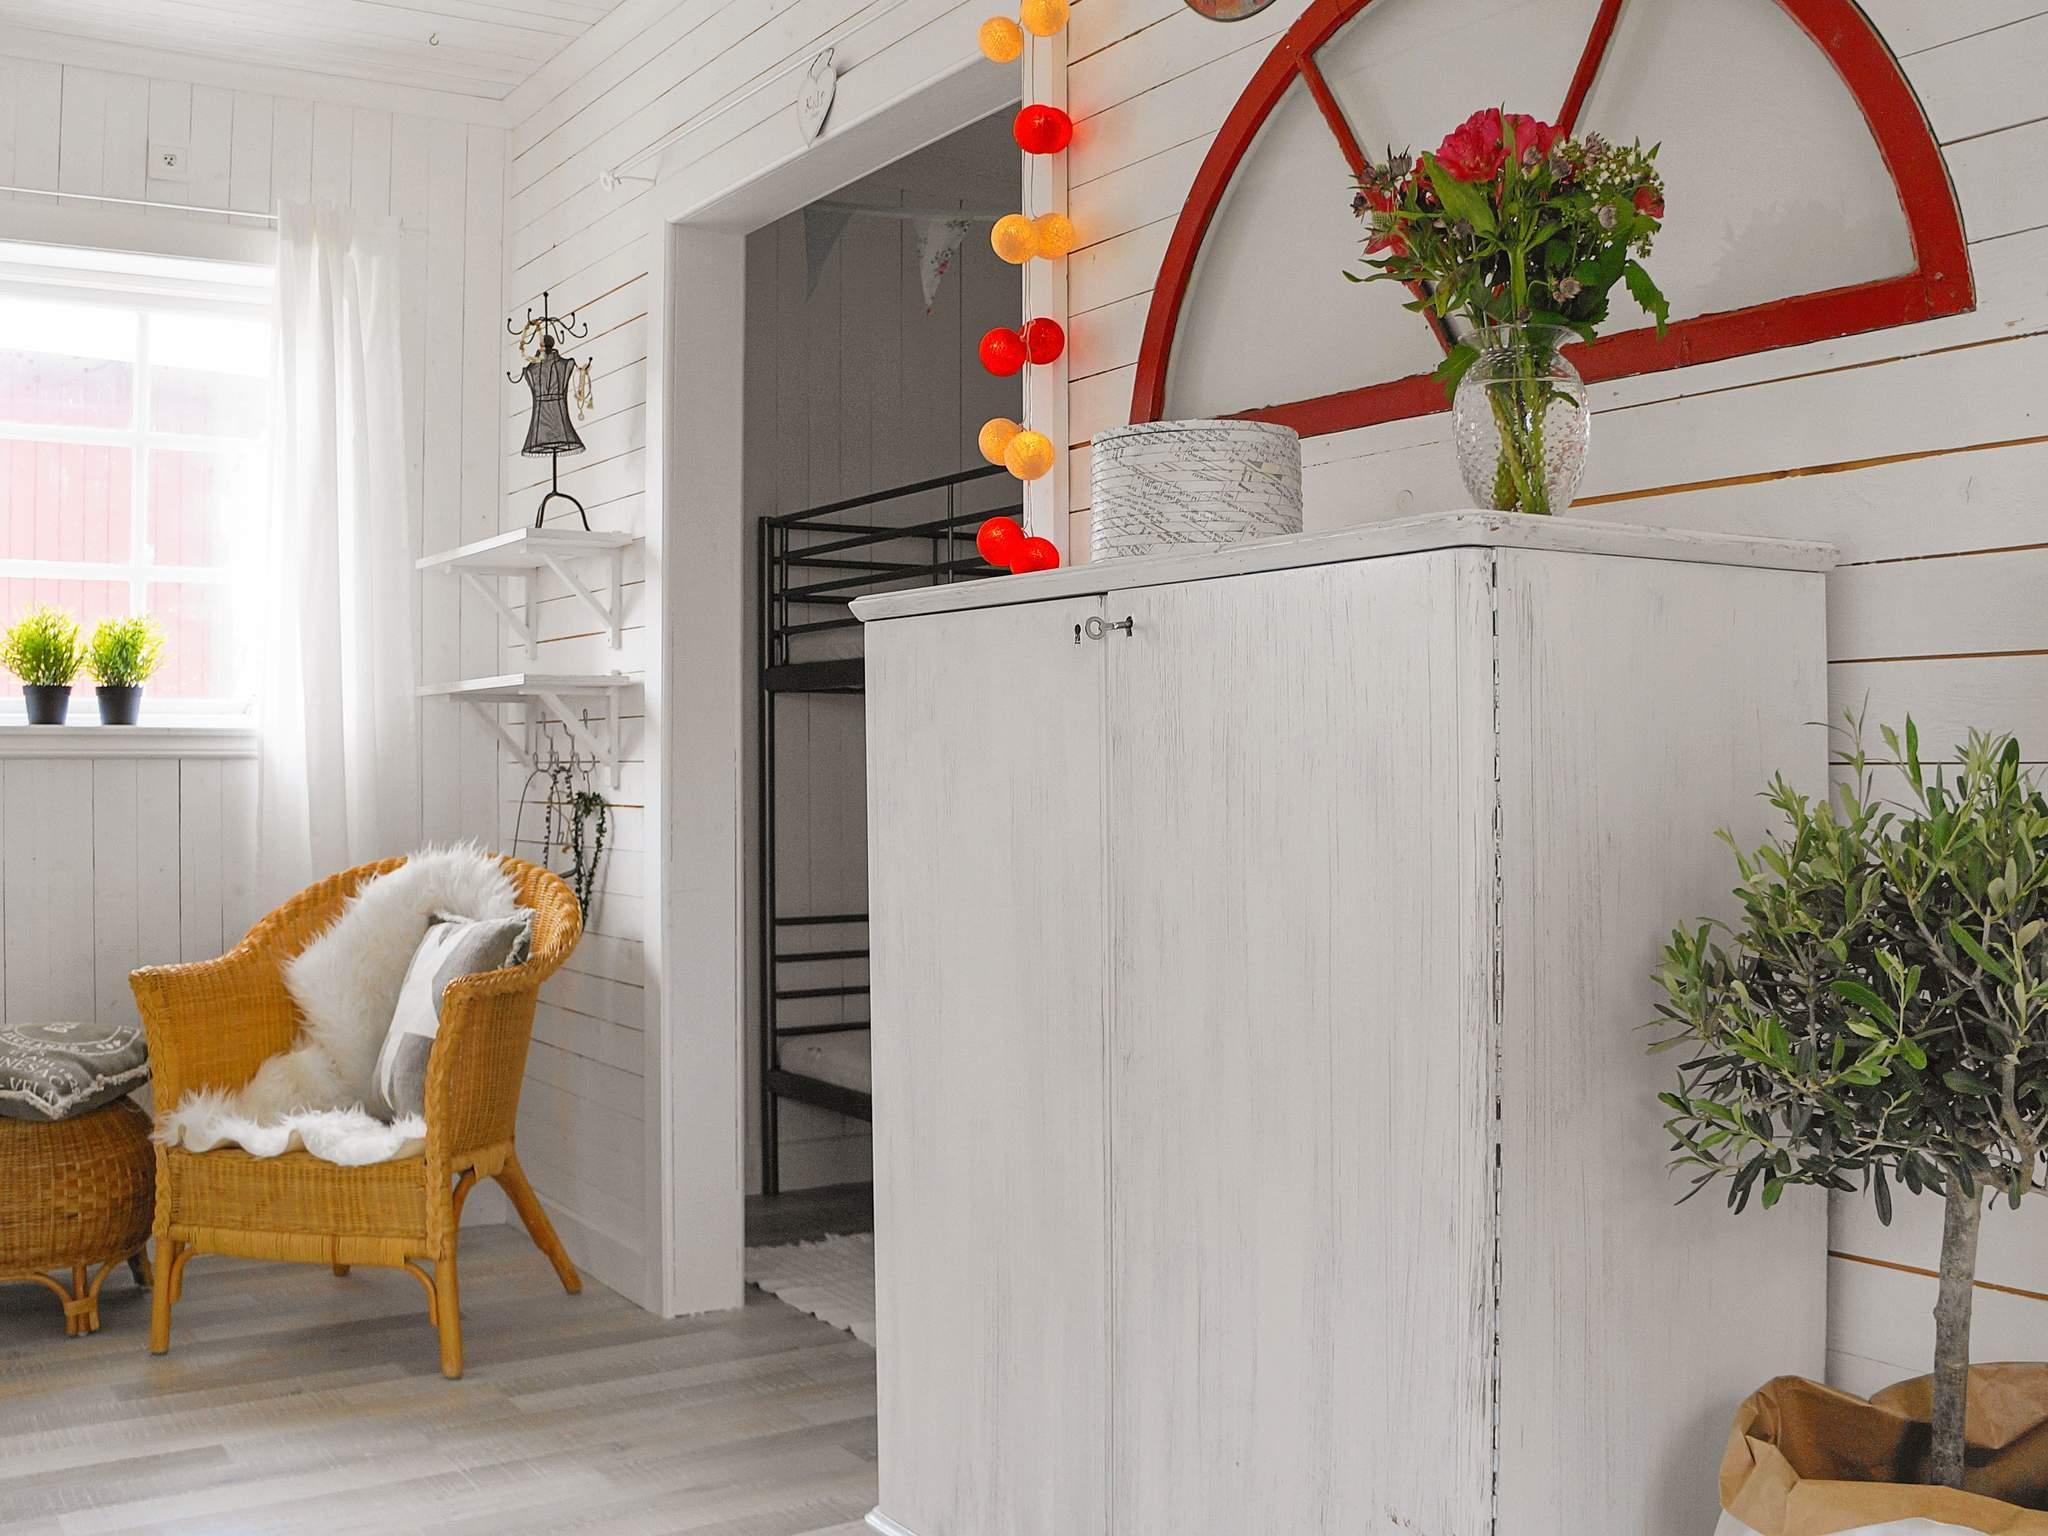 Ferienhaus Orust/Ellös (2354327), Ellös, Västra Götaland län, Westschweden, Schweden, Bild 13